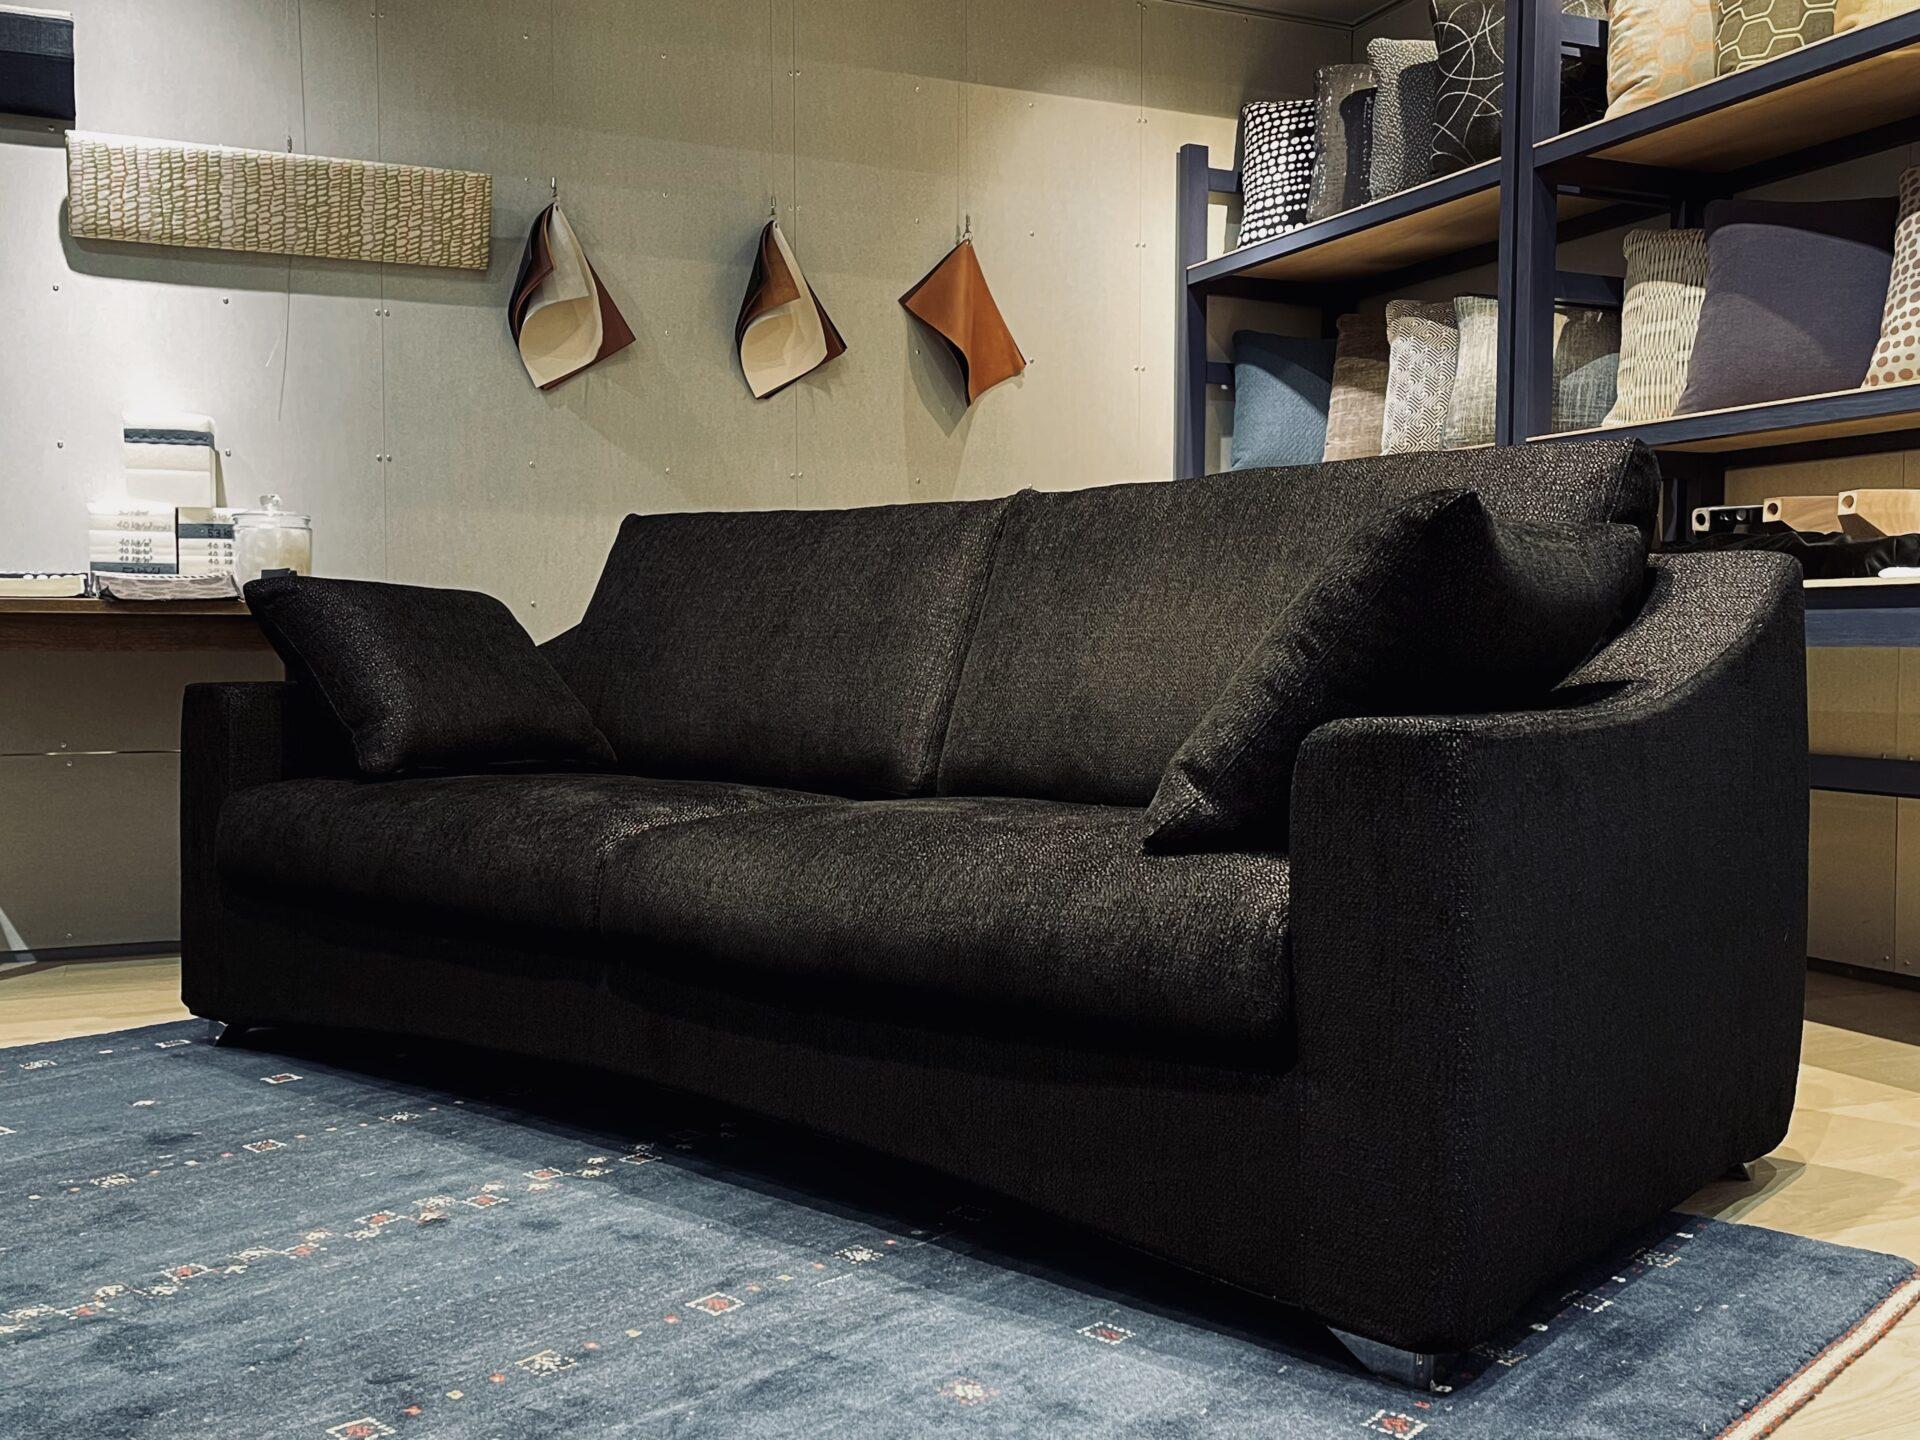 漆黒のソファ